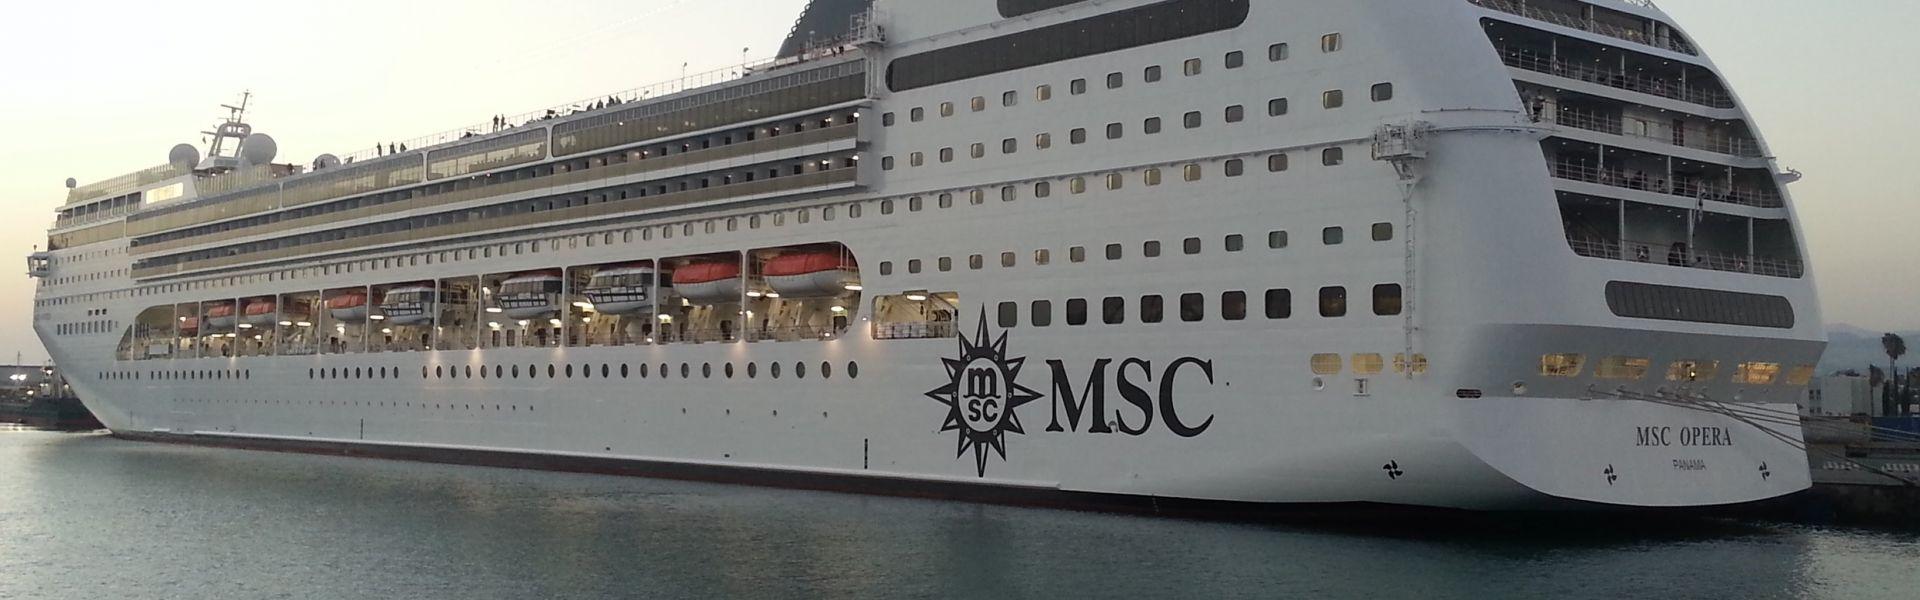 Croaziera 2018/2018 - Caraibele de Vest (Havana) - MSC Cruises - MSC Opera - 7 nopti